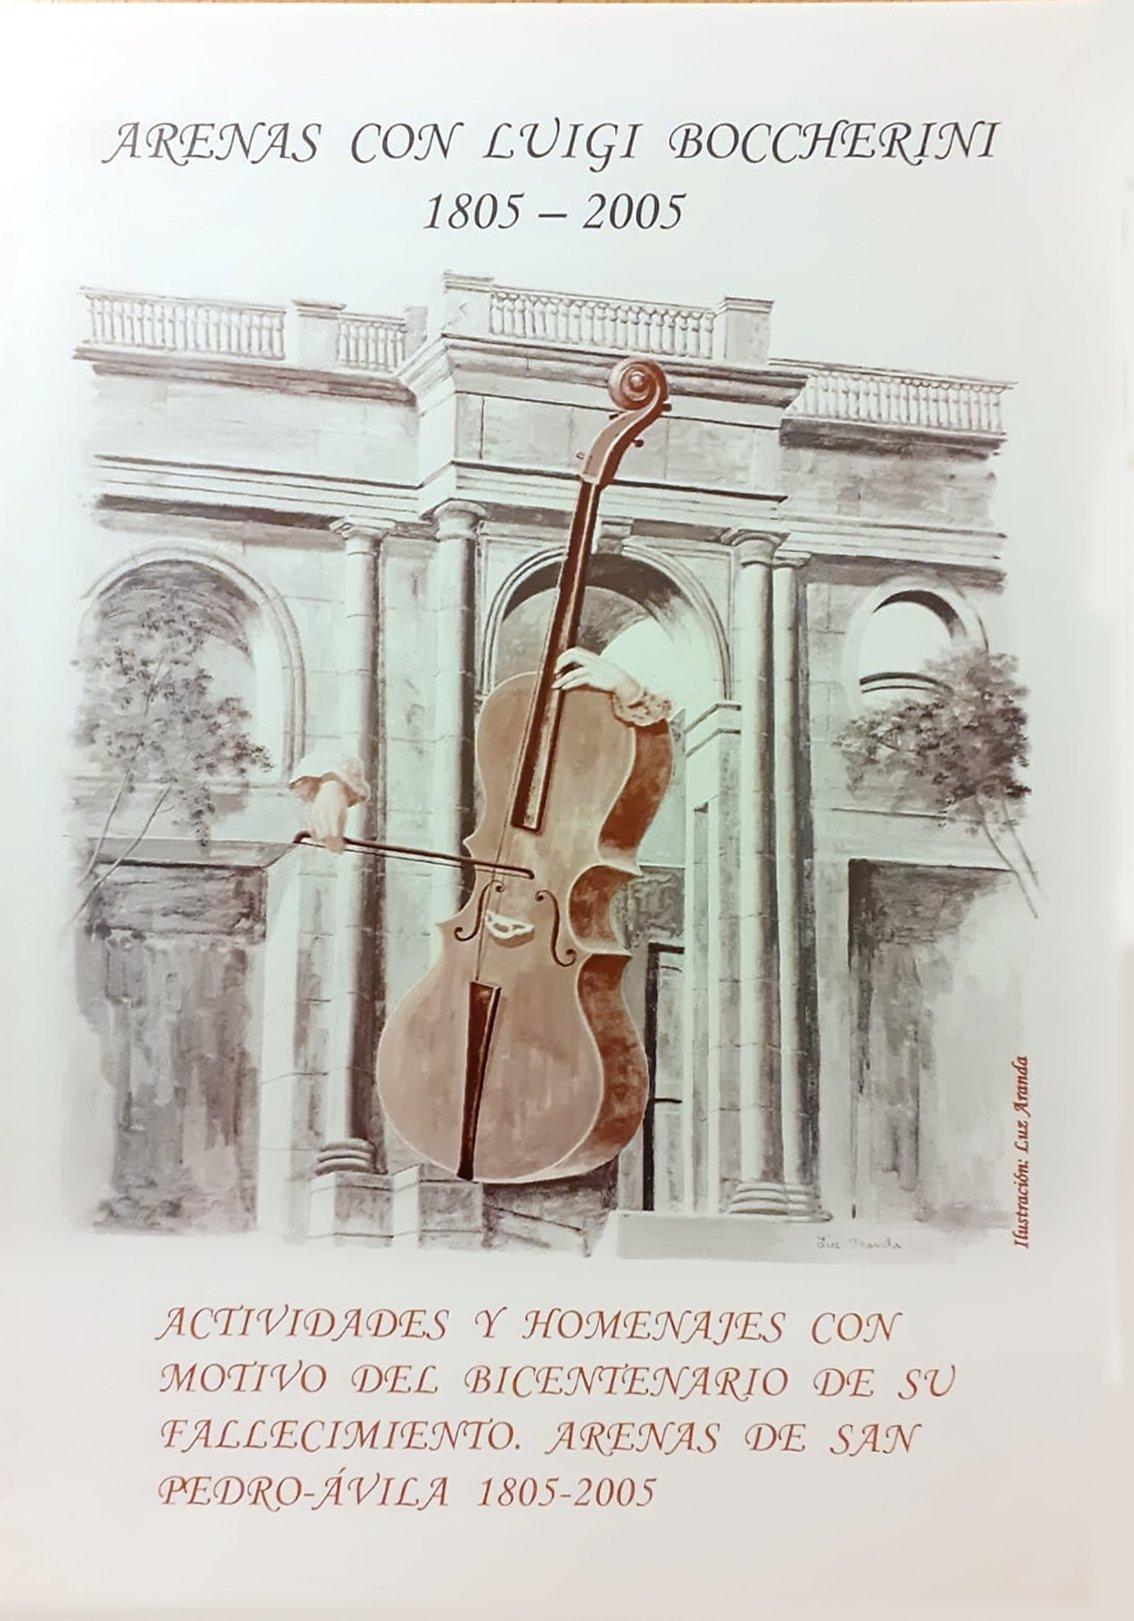 Cartel del Bicentenario del Fallecimiento de Luigi Boccherini - Arenas de San Pedro - 2005